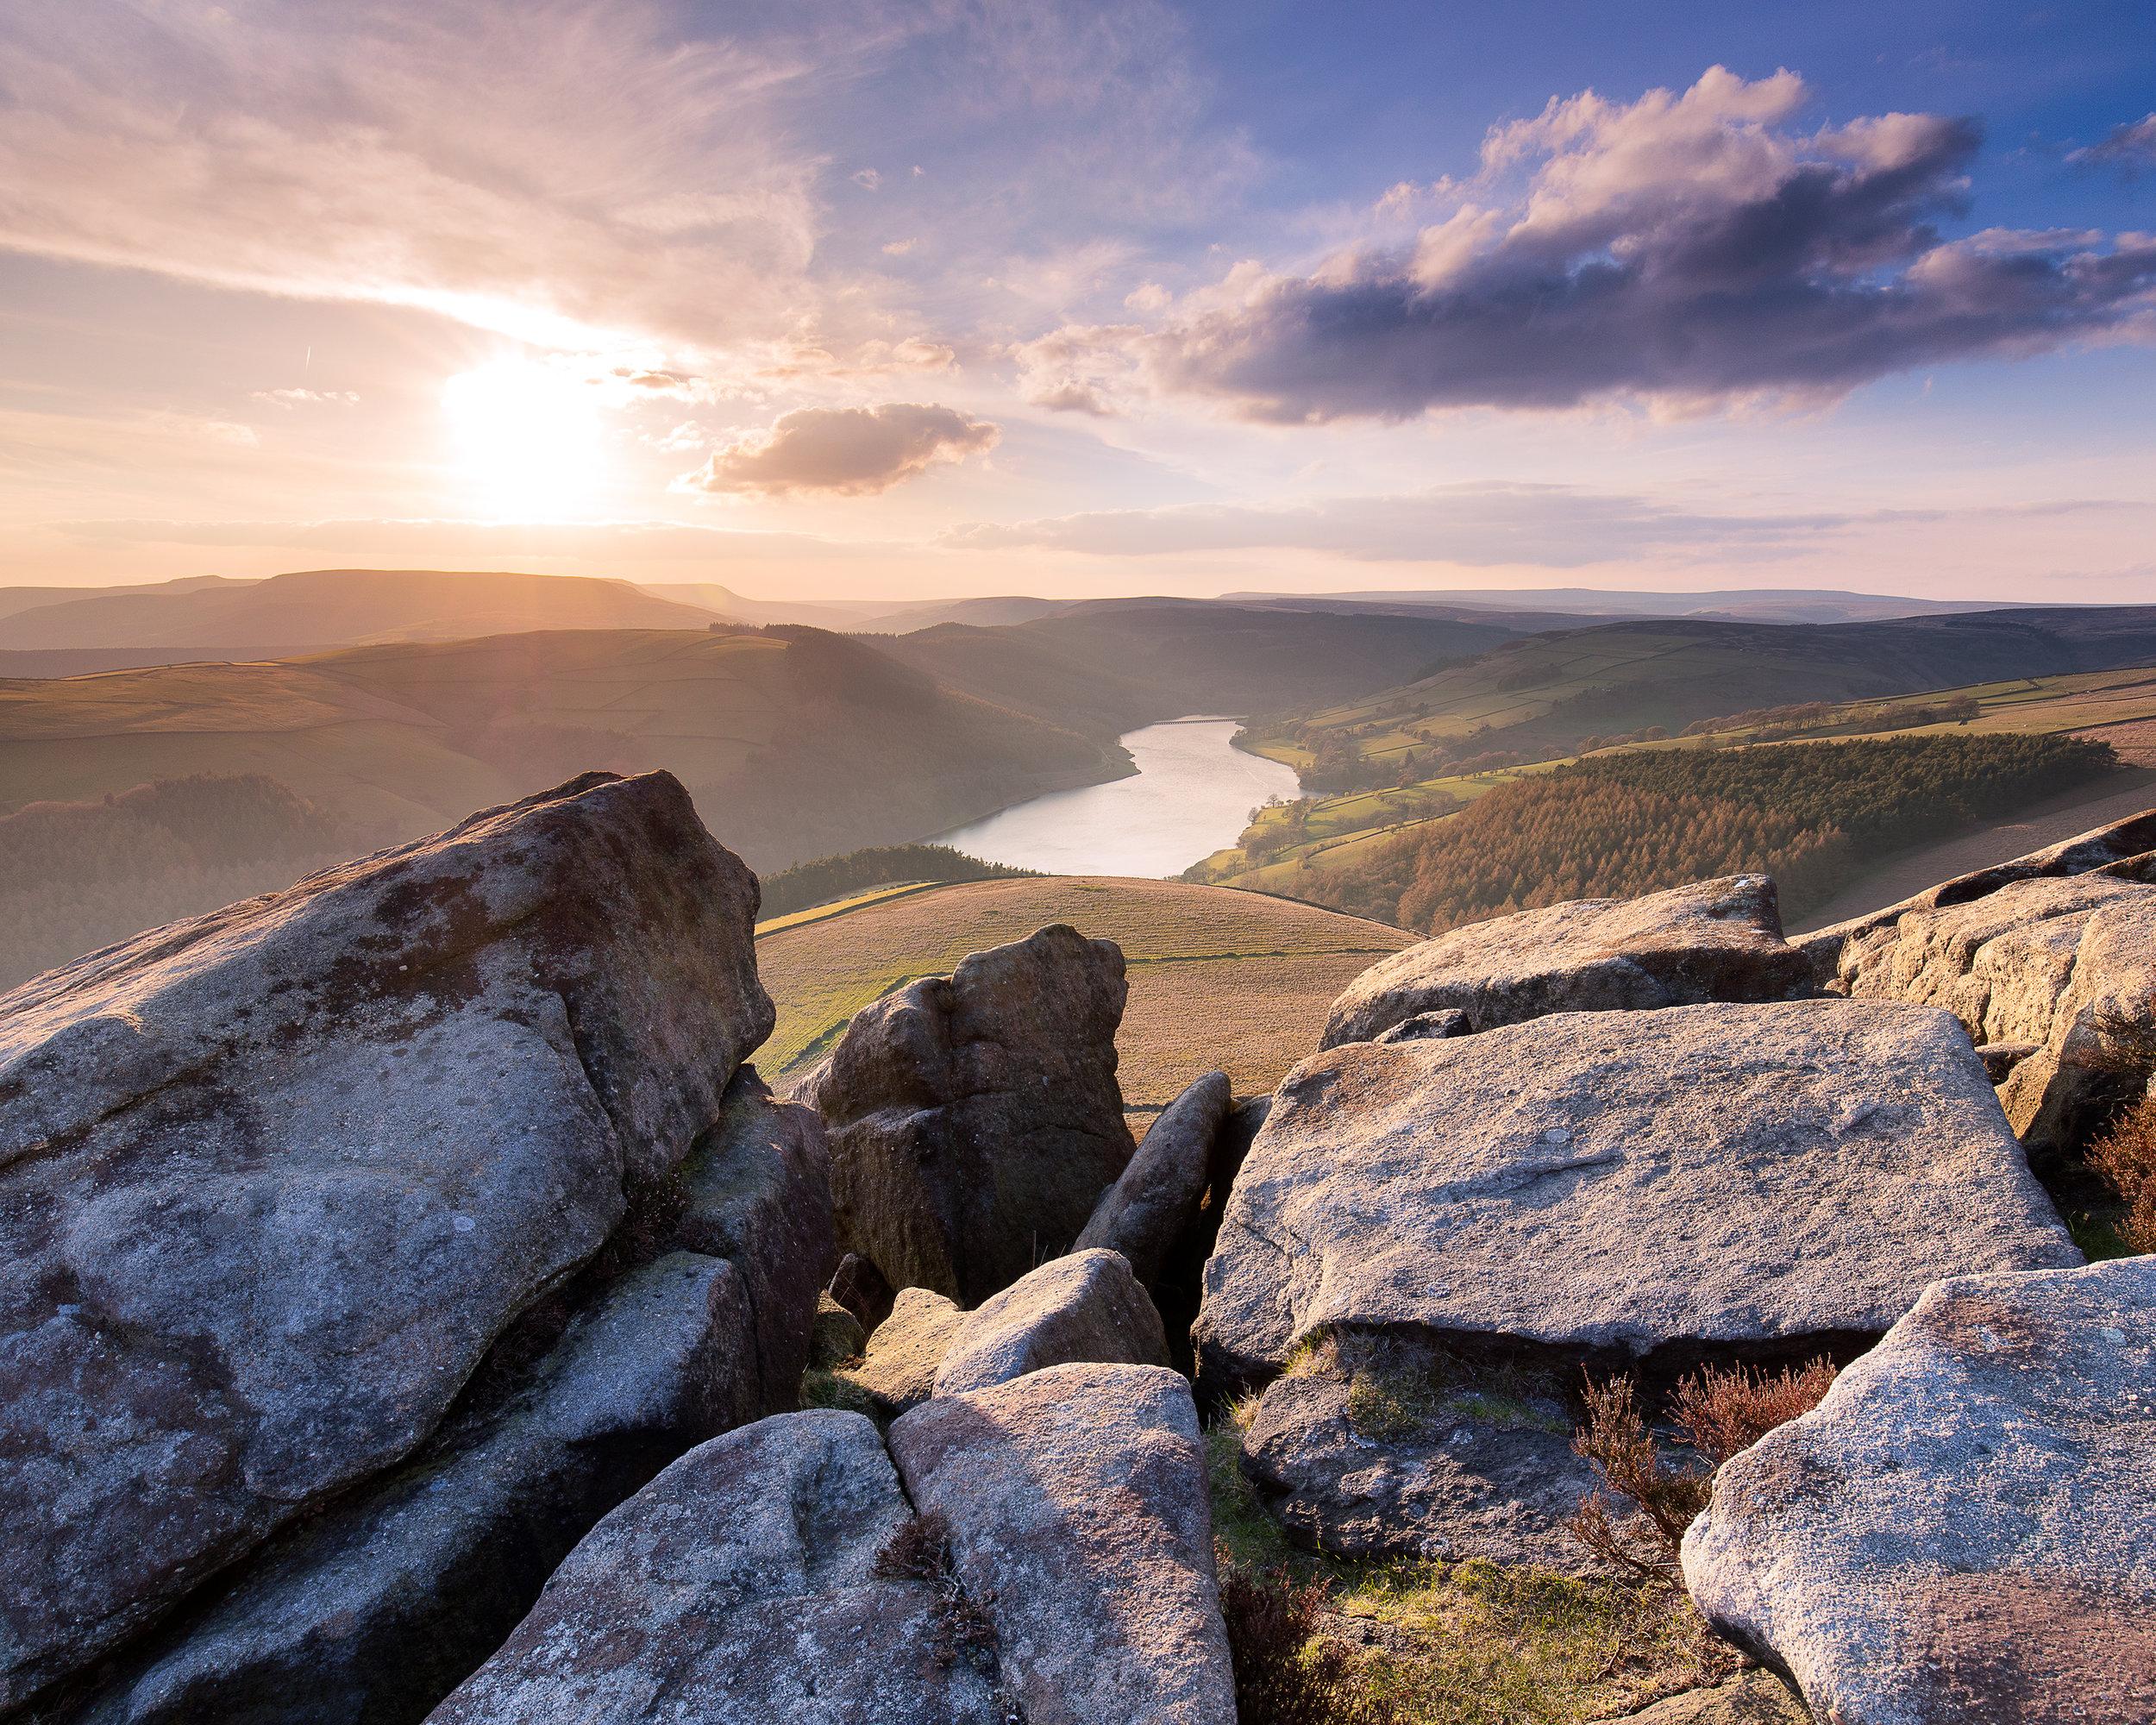 Whinstone Lee Tor Derwent reservoir Peak District landscape photography